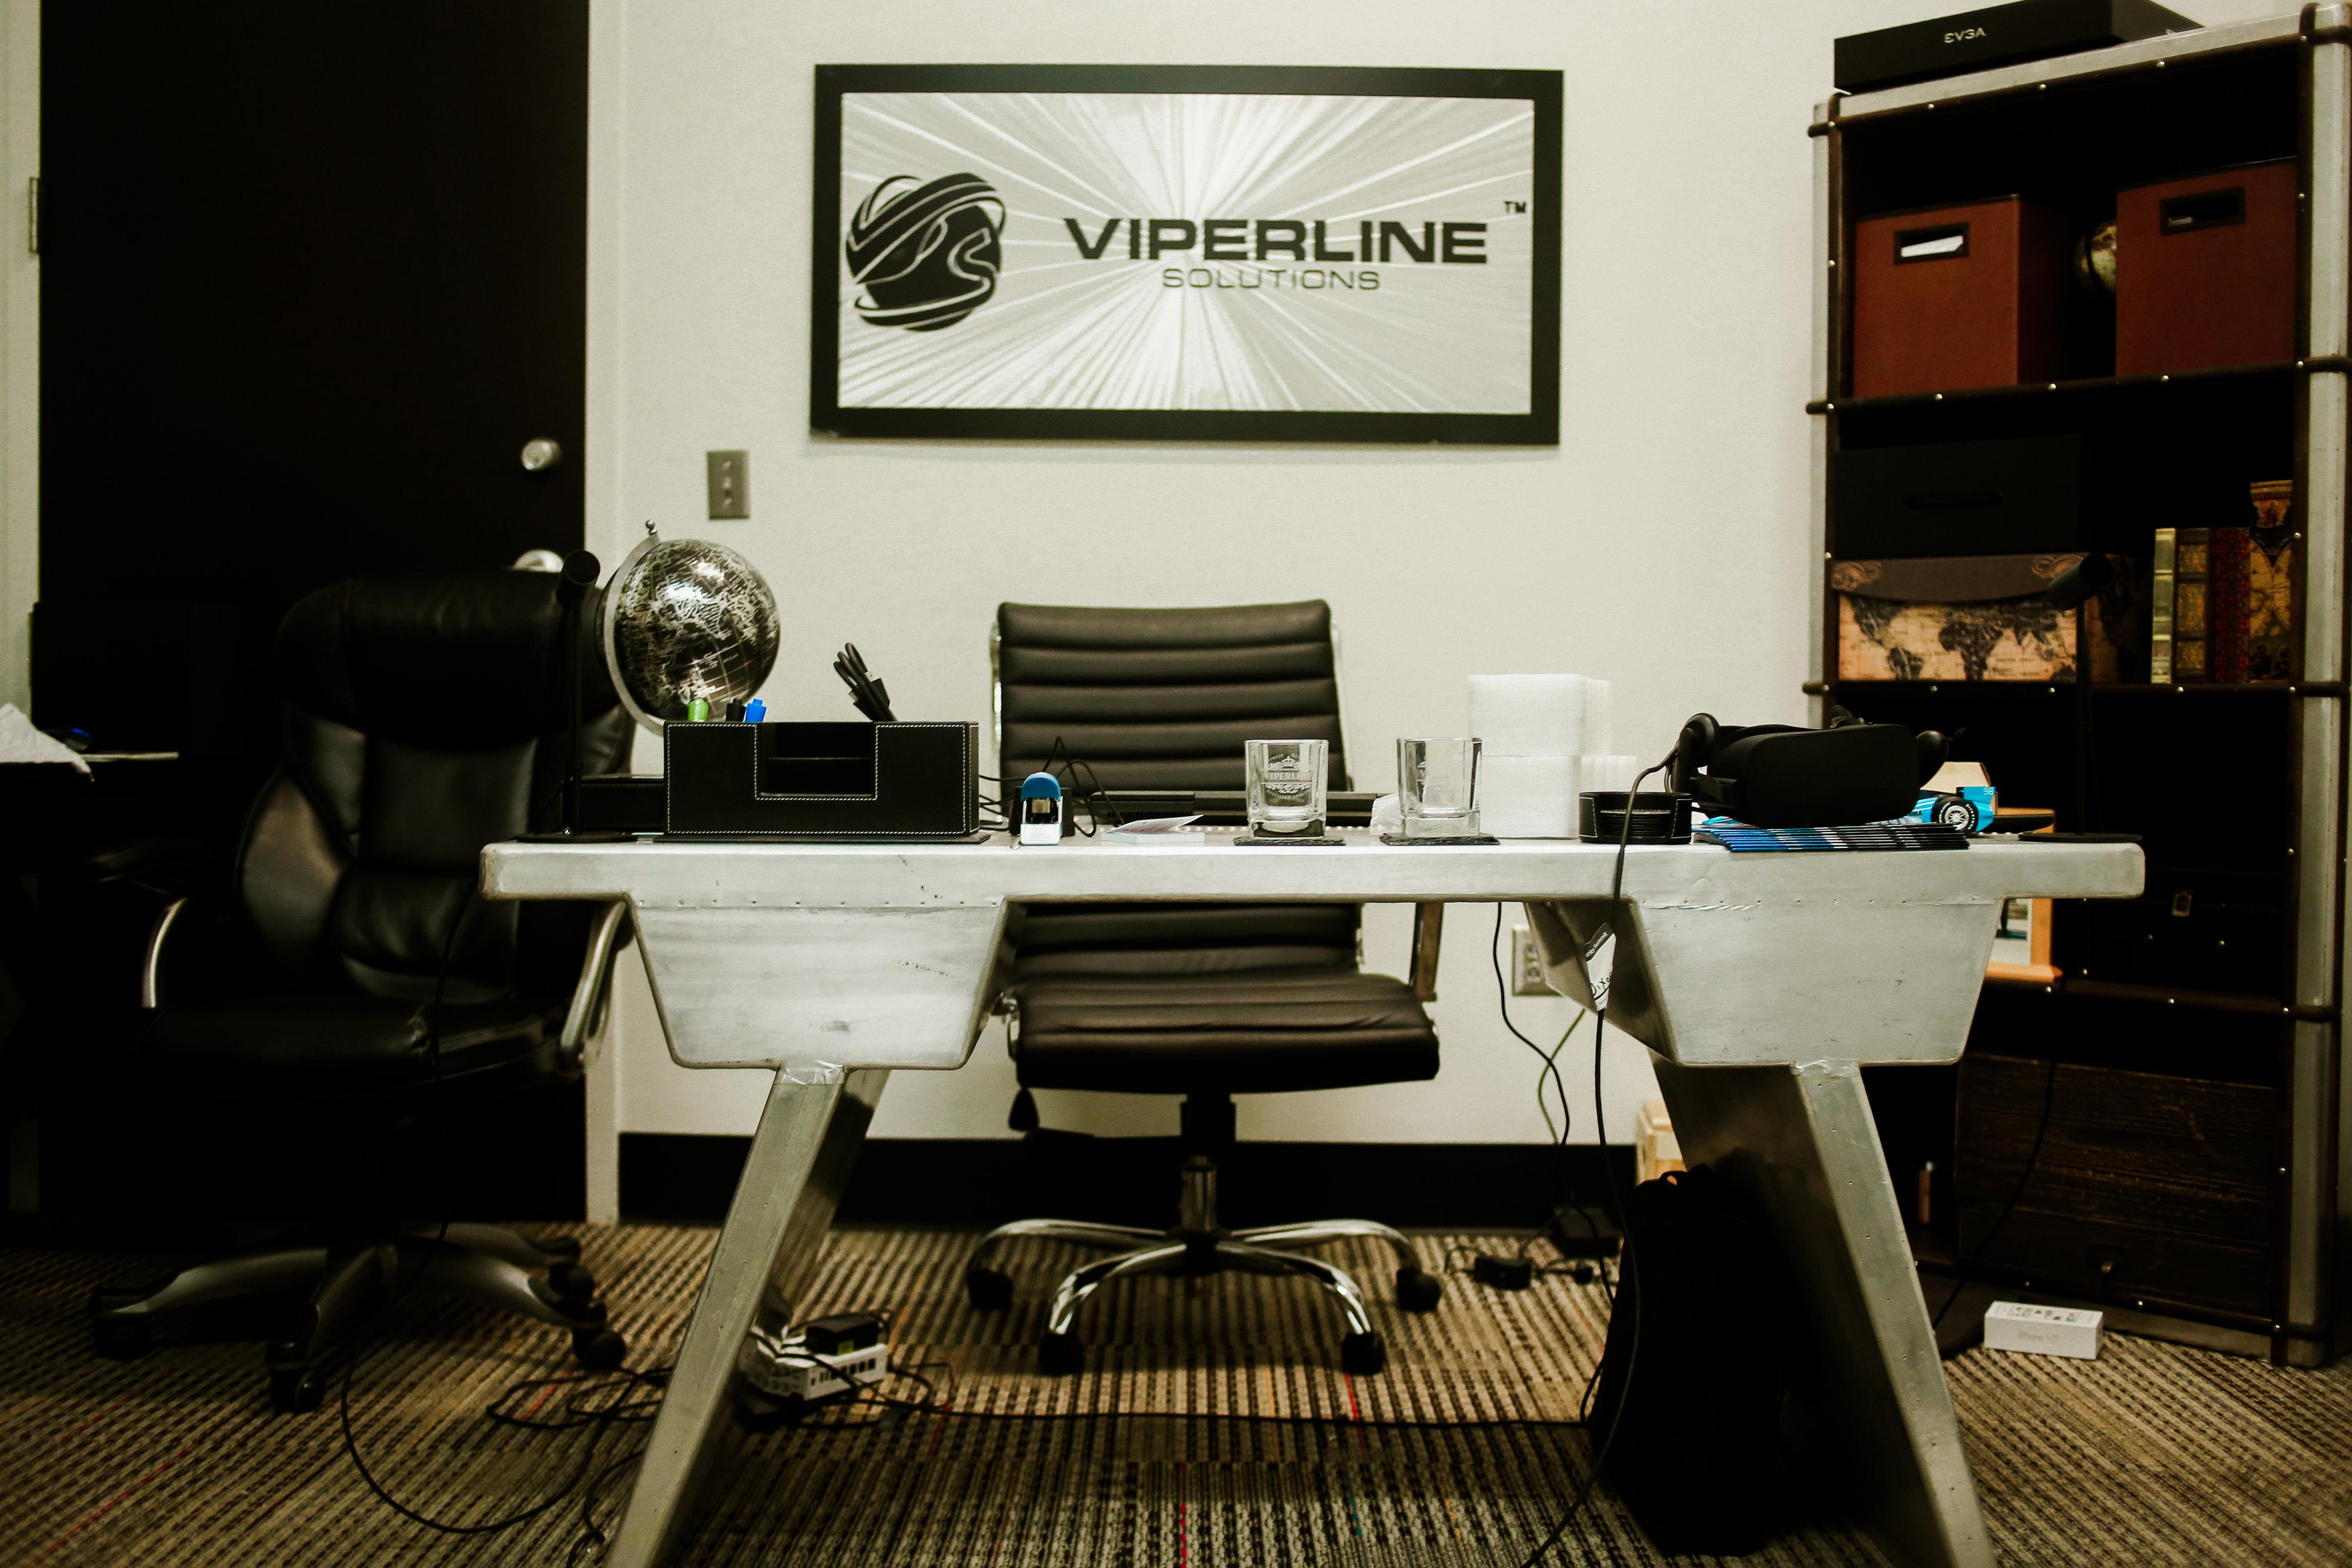 Viperline Innovation Depot